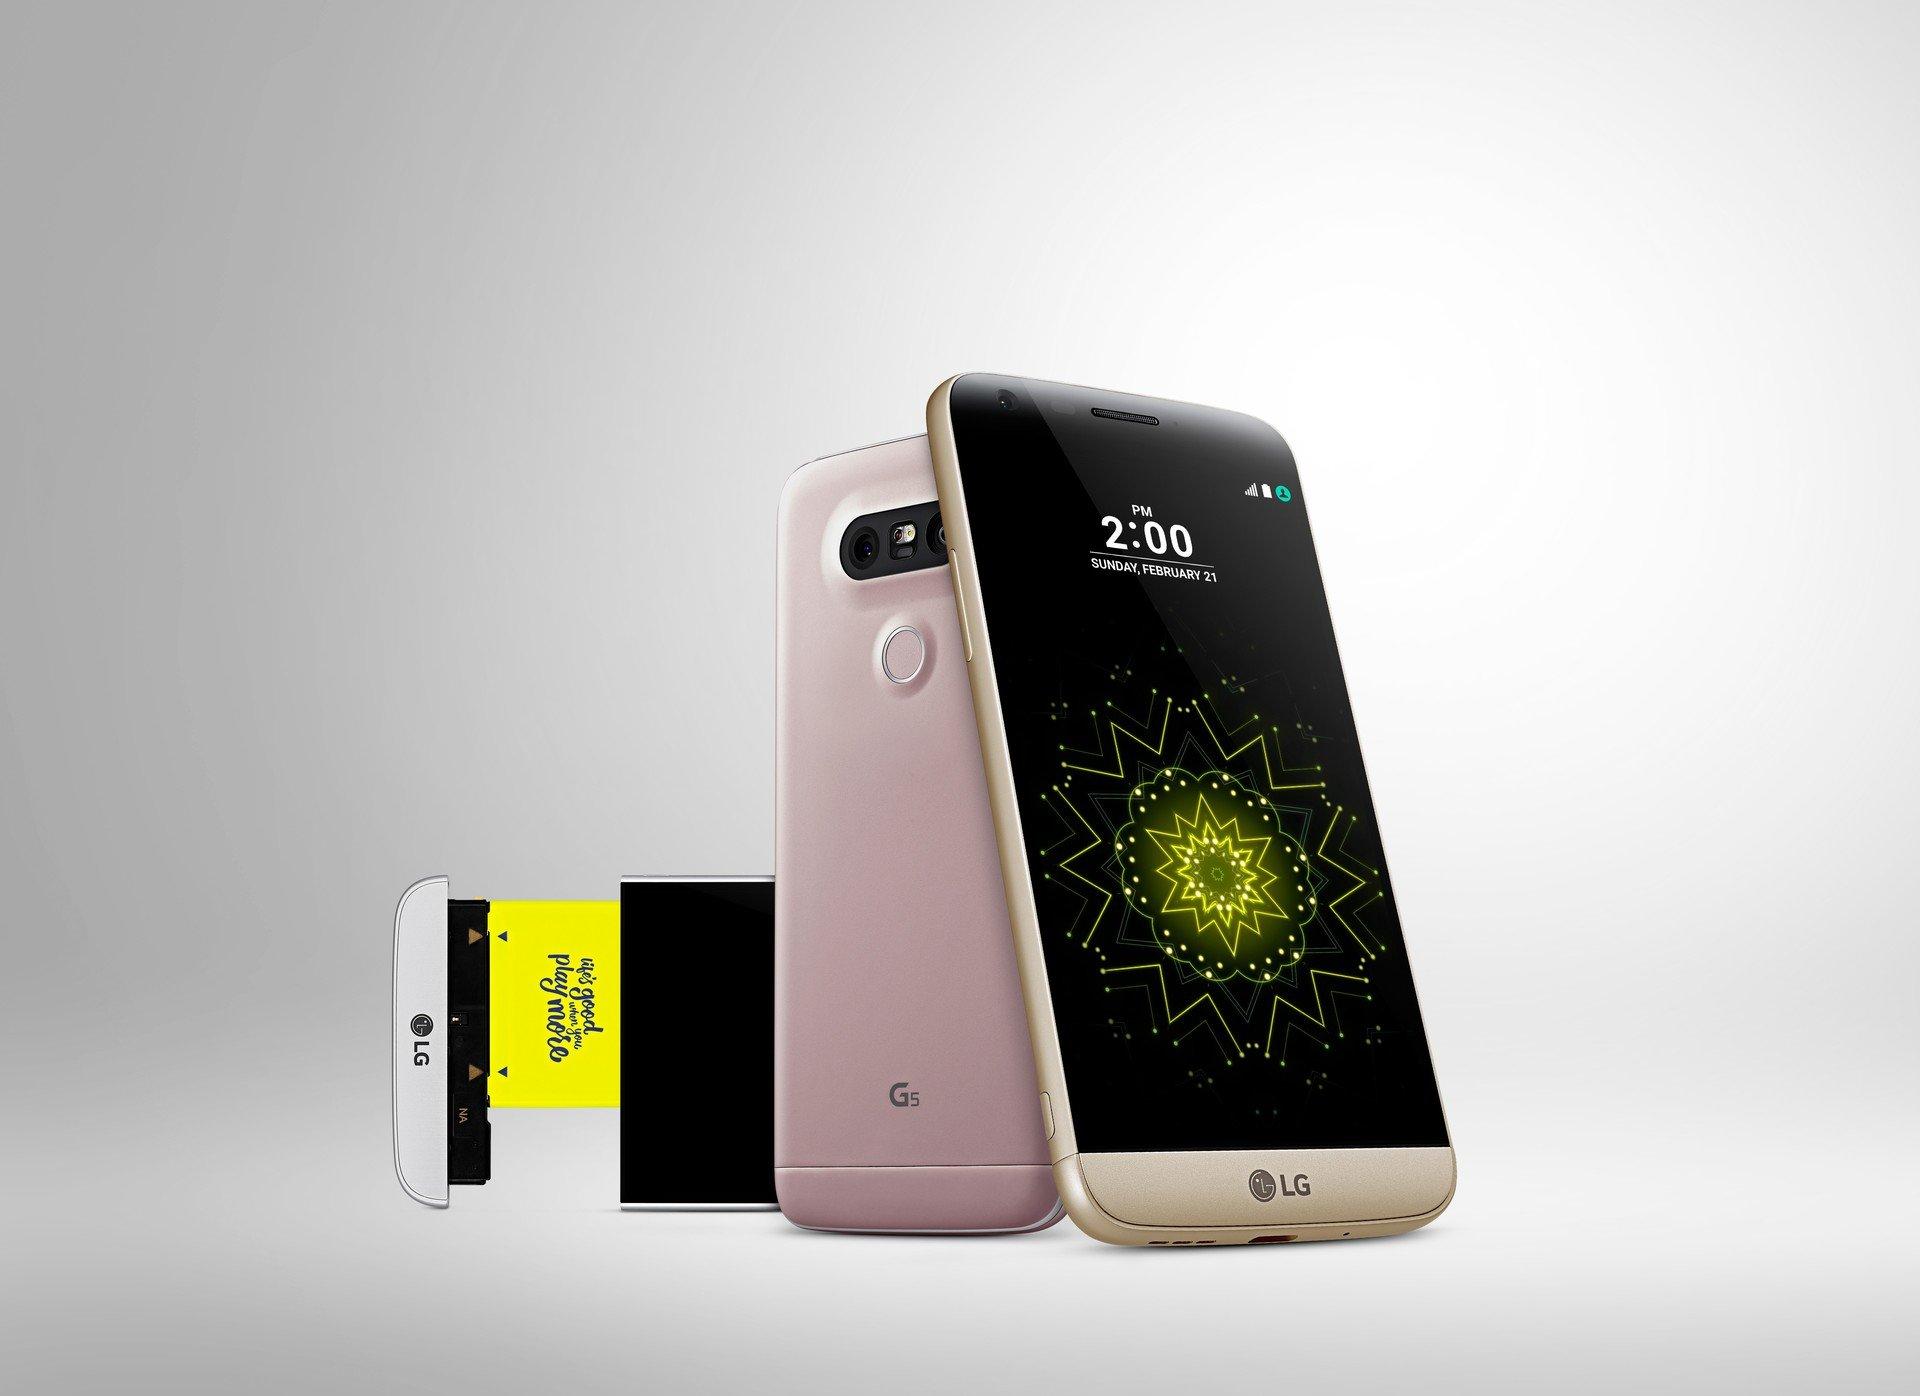 Aktualizacje Android 8.0 Oreo dla smartfonów LG